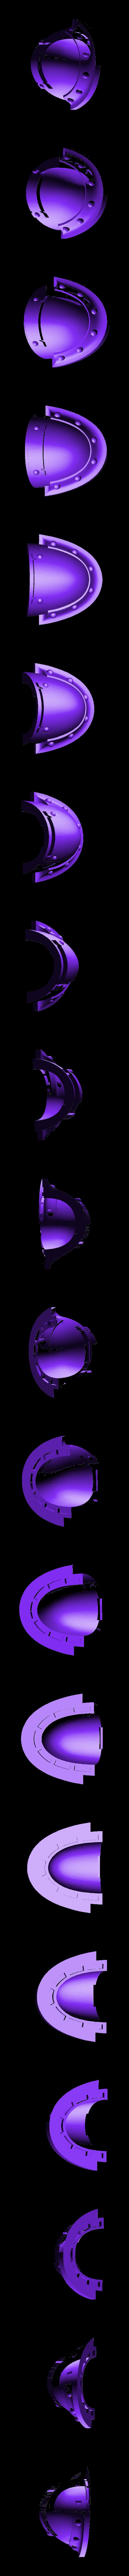 Shoulder 2.stl Télécharger fichier STL gratuit L'équipe des Chevaliers gris Primaris • Modèle pour imprimante 3D, joeldawson93